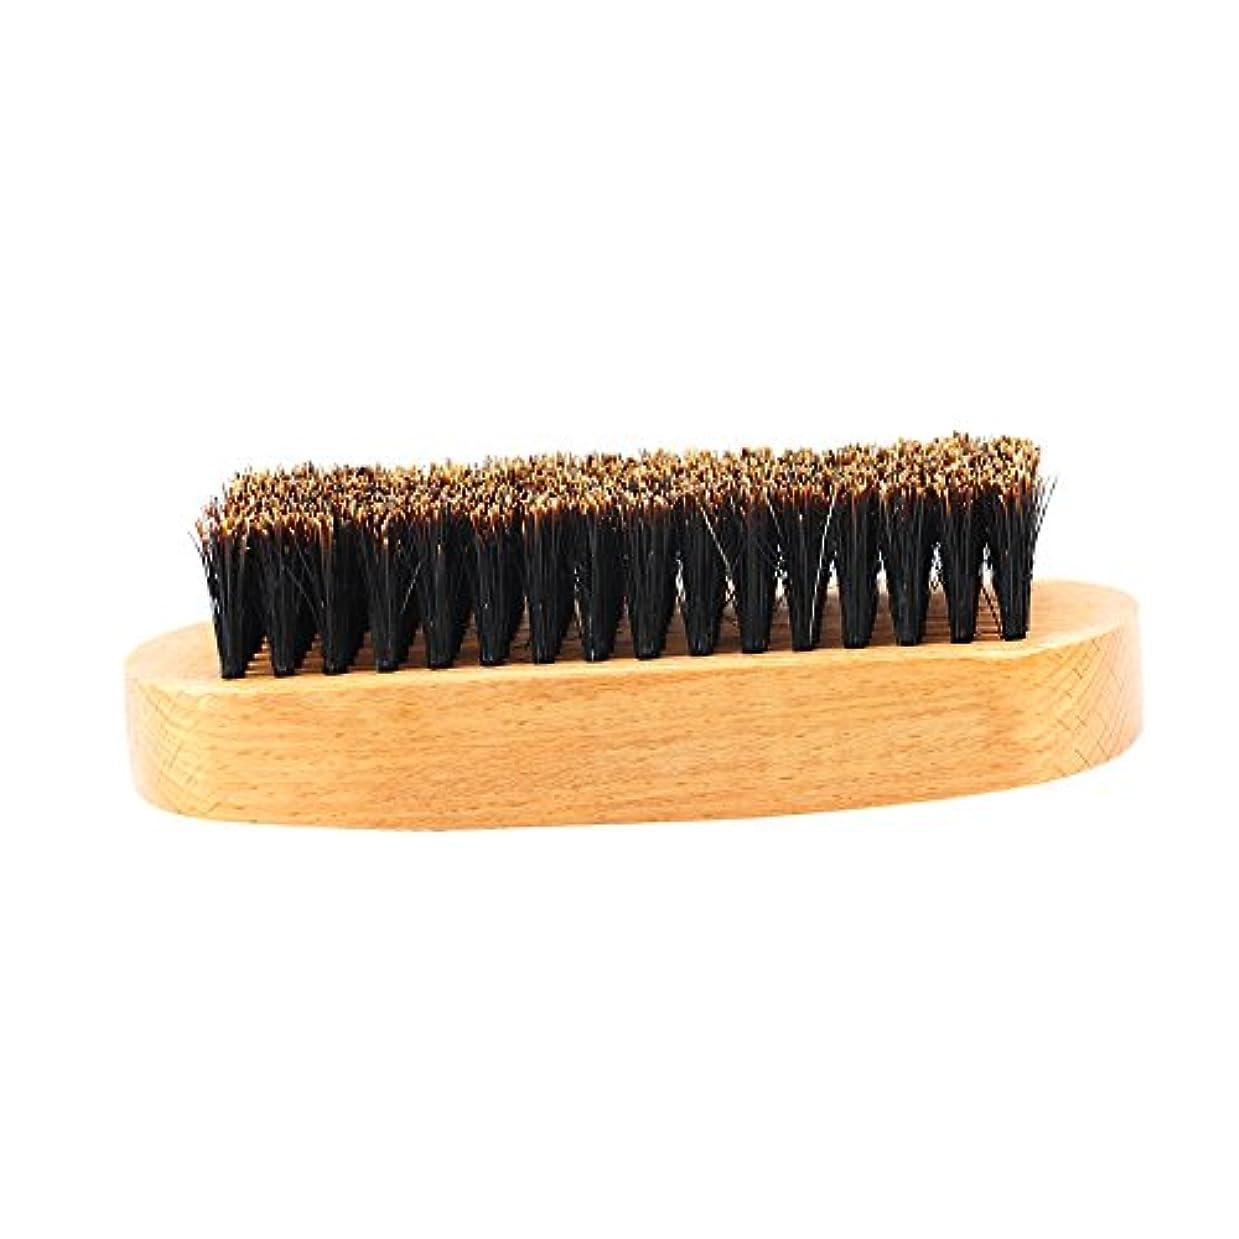 頑固なする深くビュアブラシ 豚毛 髭ブラシ メンズ ひげブラシ 天然木ハンドル 口ひげケア 2タイプ選べる - #1